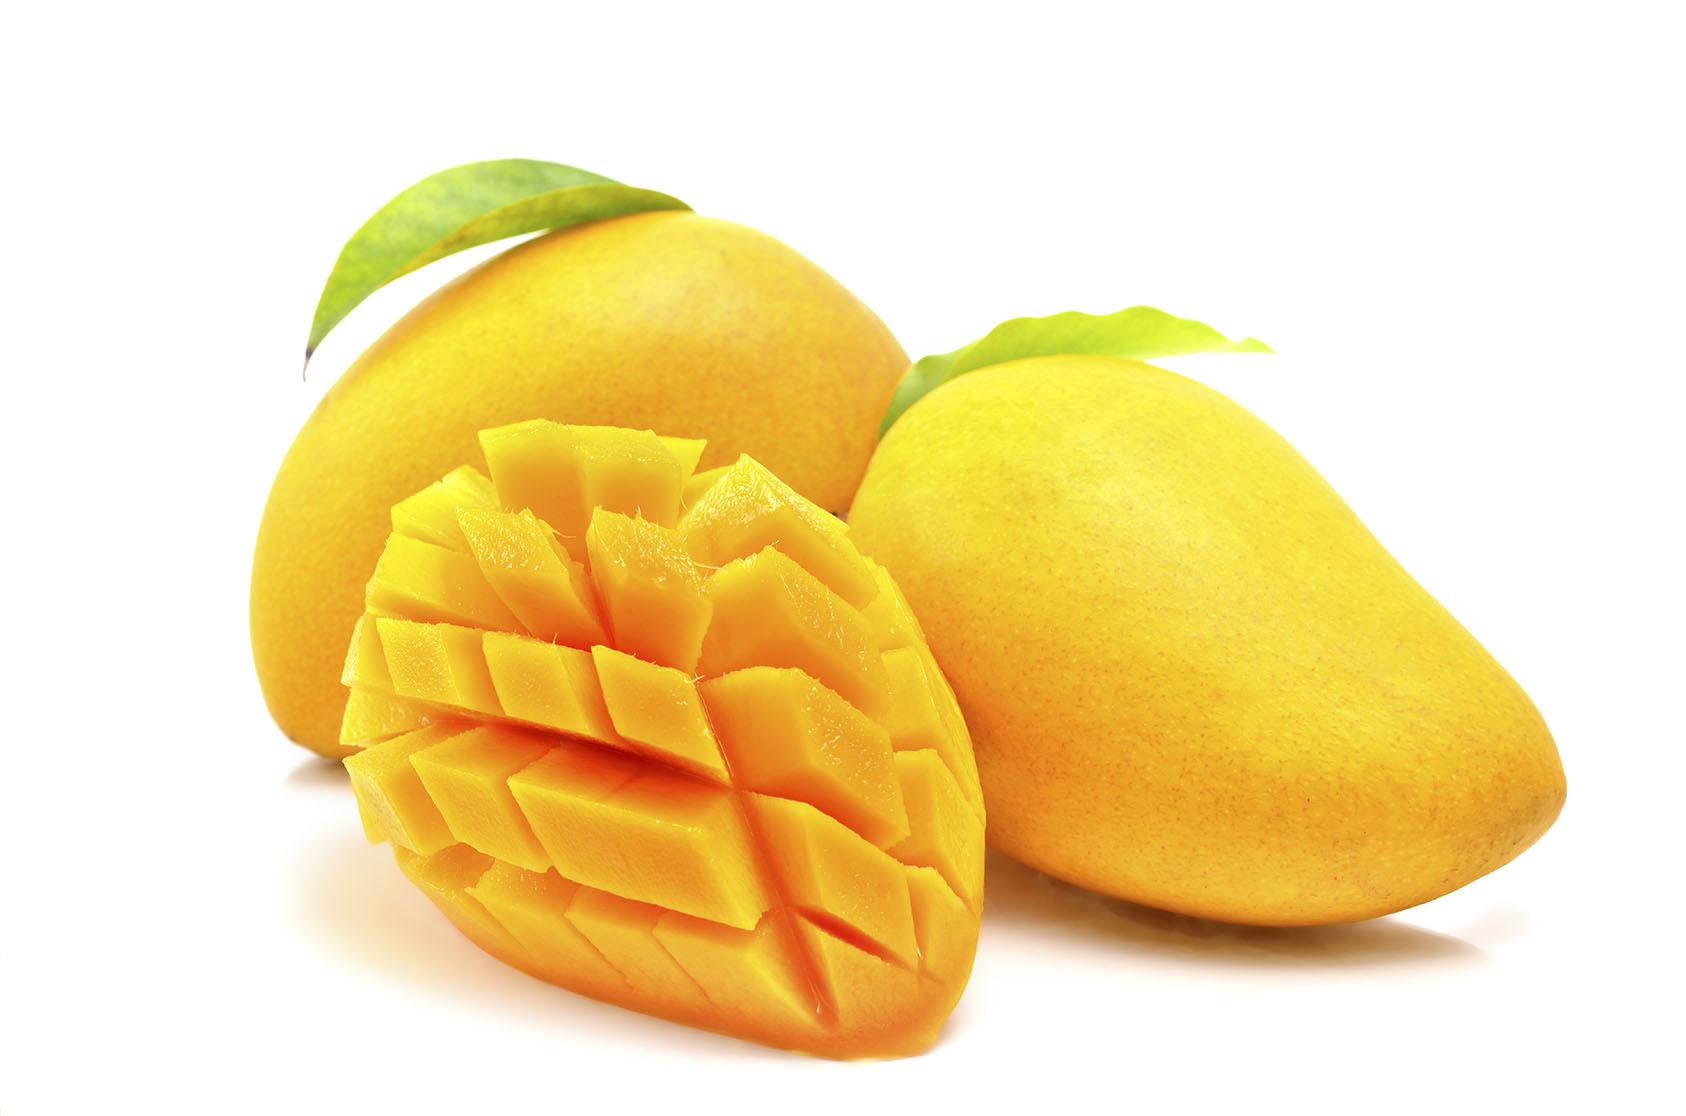 Mangga image